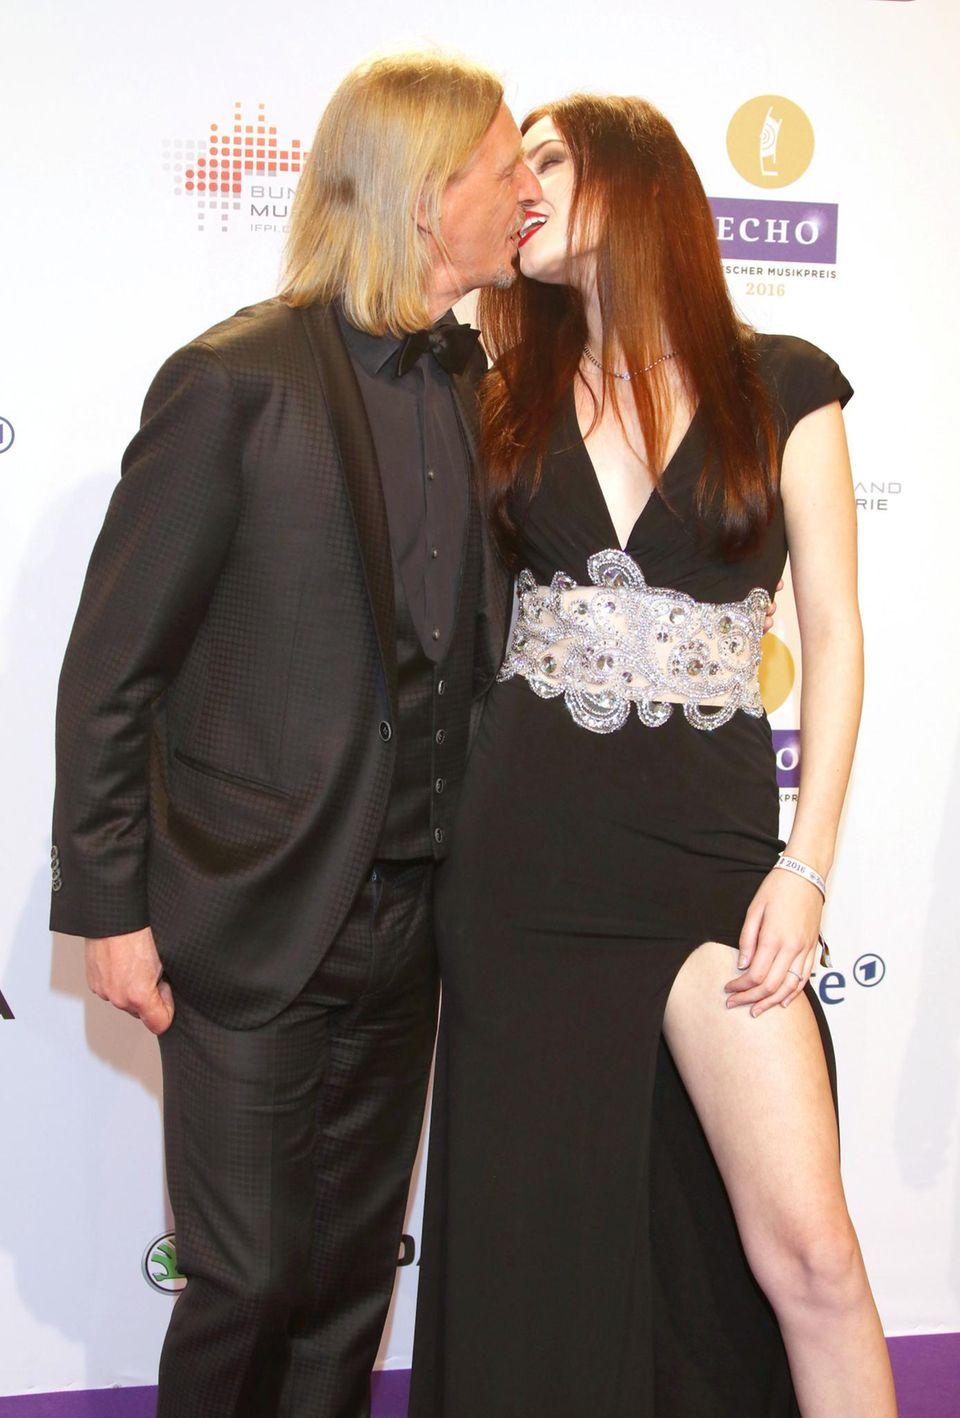 Wilde Knutscherei auf dem Red Carpet: Bei der Echo-Verleihung 2016 sorgten Frank Otto und Nathalie Volk für viel Blitzlichtgewitter.